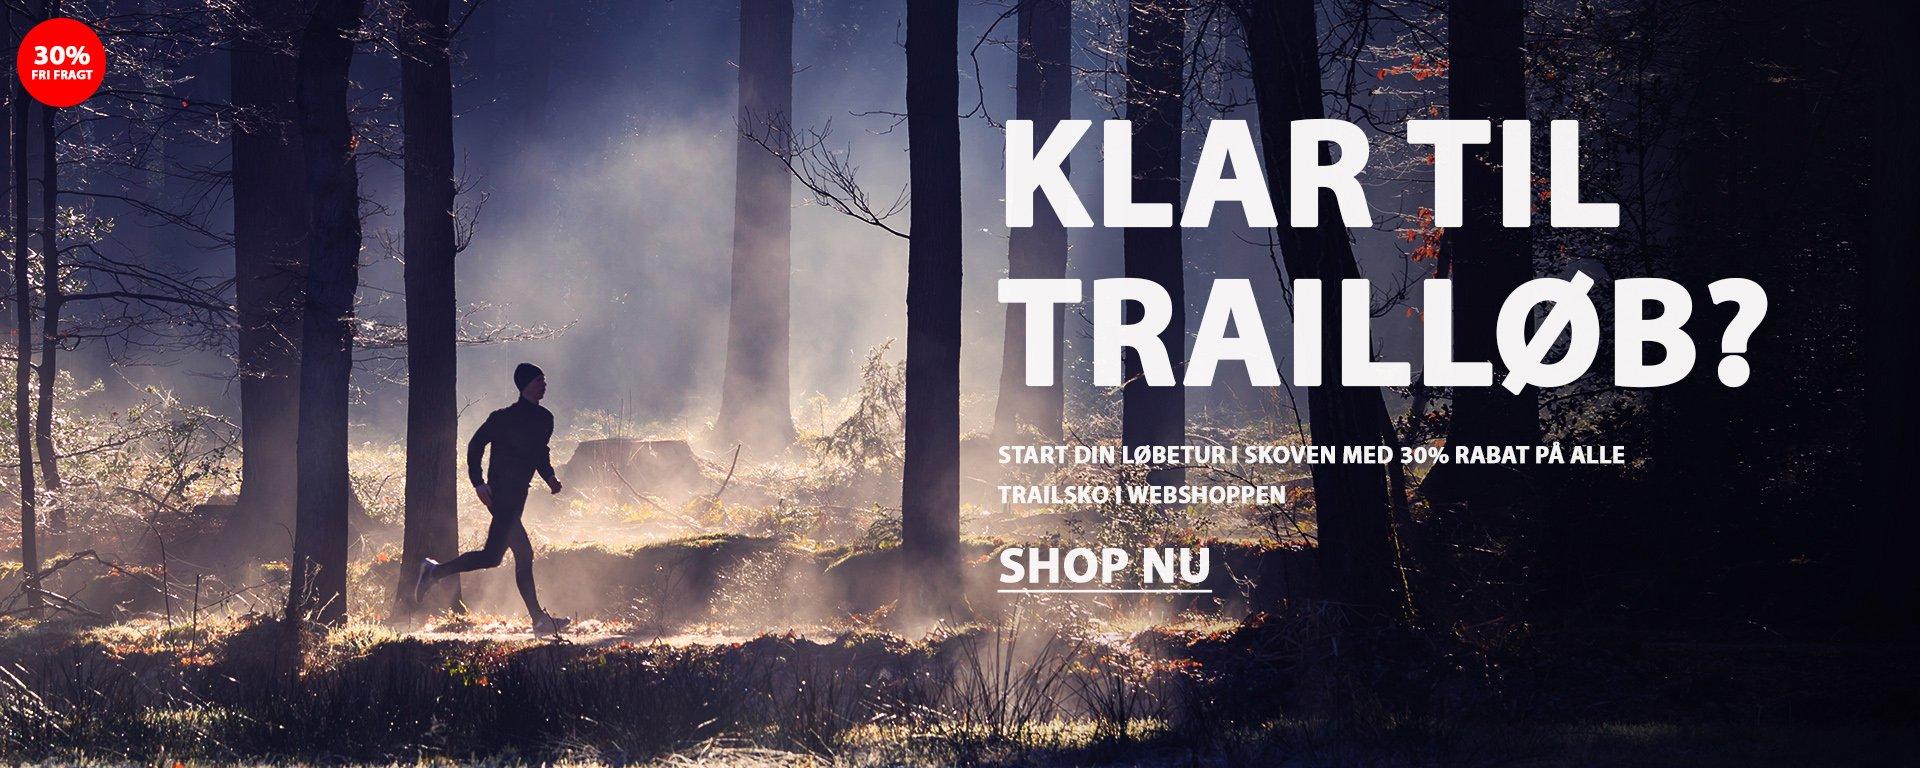 Køb trailsko på rabat online kaisersport.dk